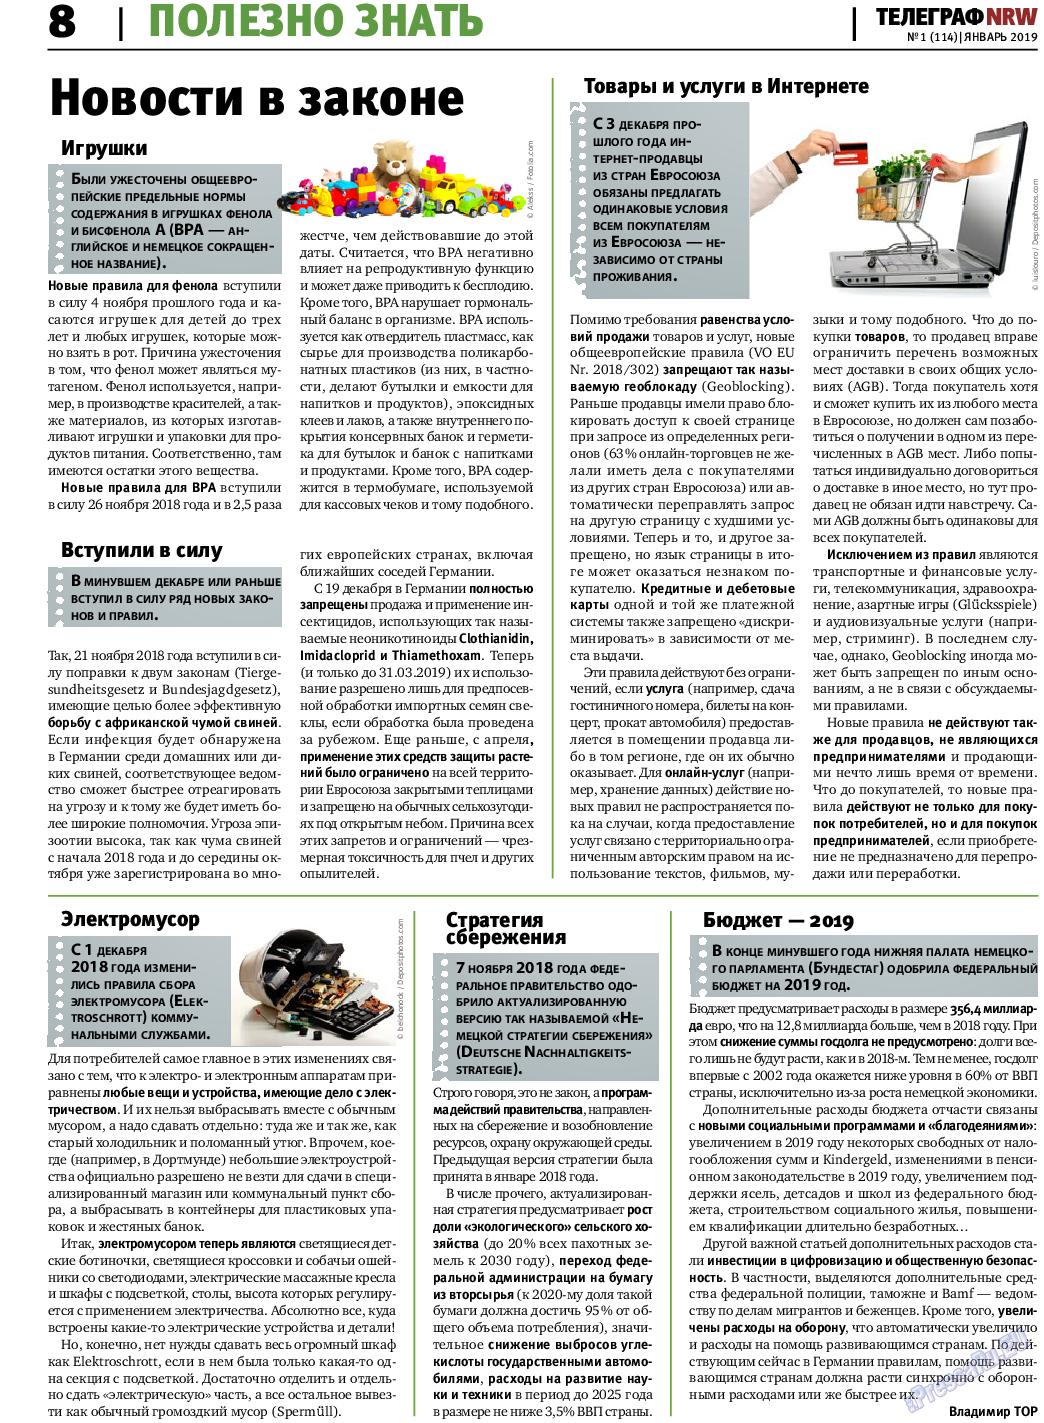 Телеграф NRW (газета). 2019 год, номер 1, стр. 8